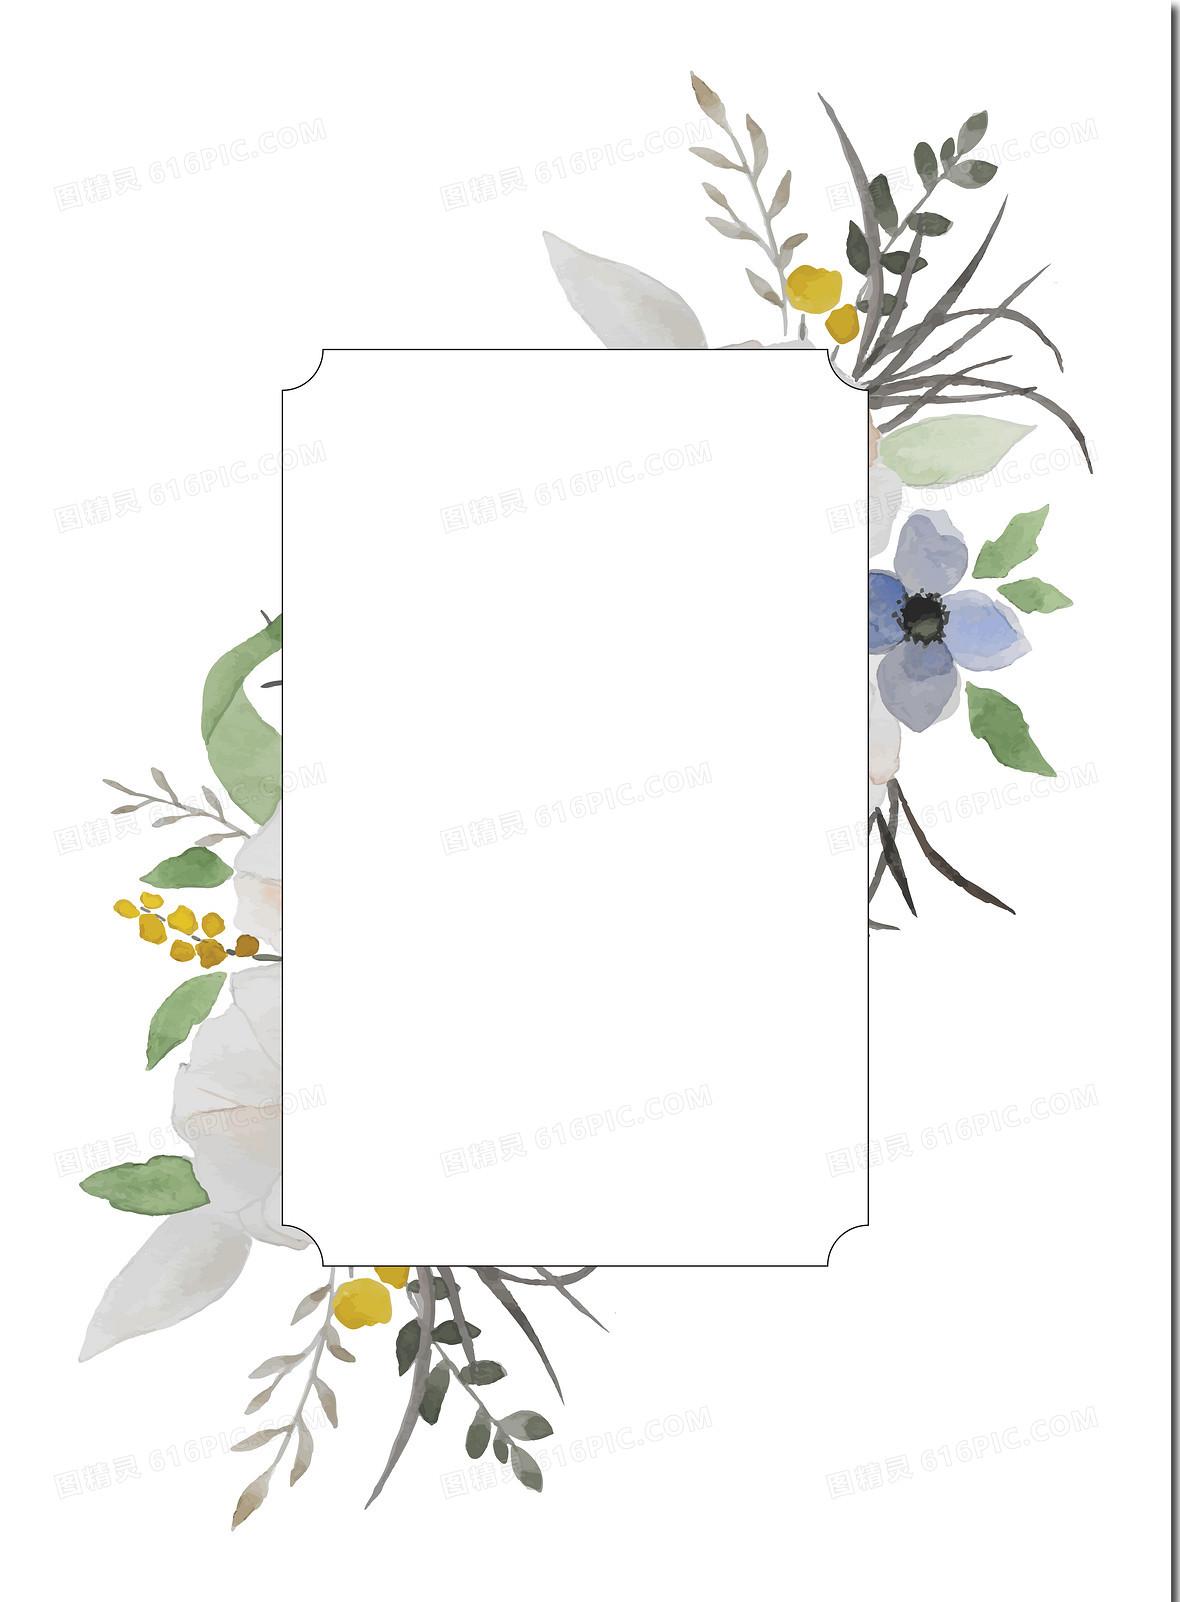 创意花纹卡片宣传单背景素材